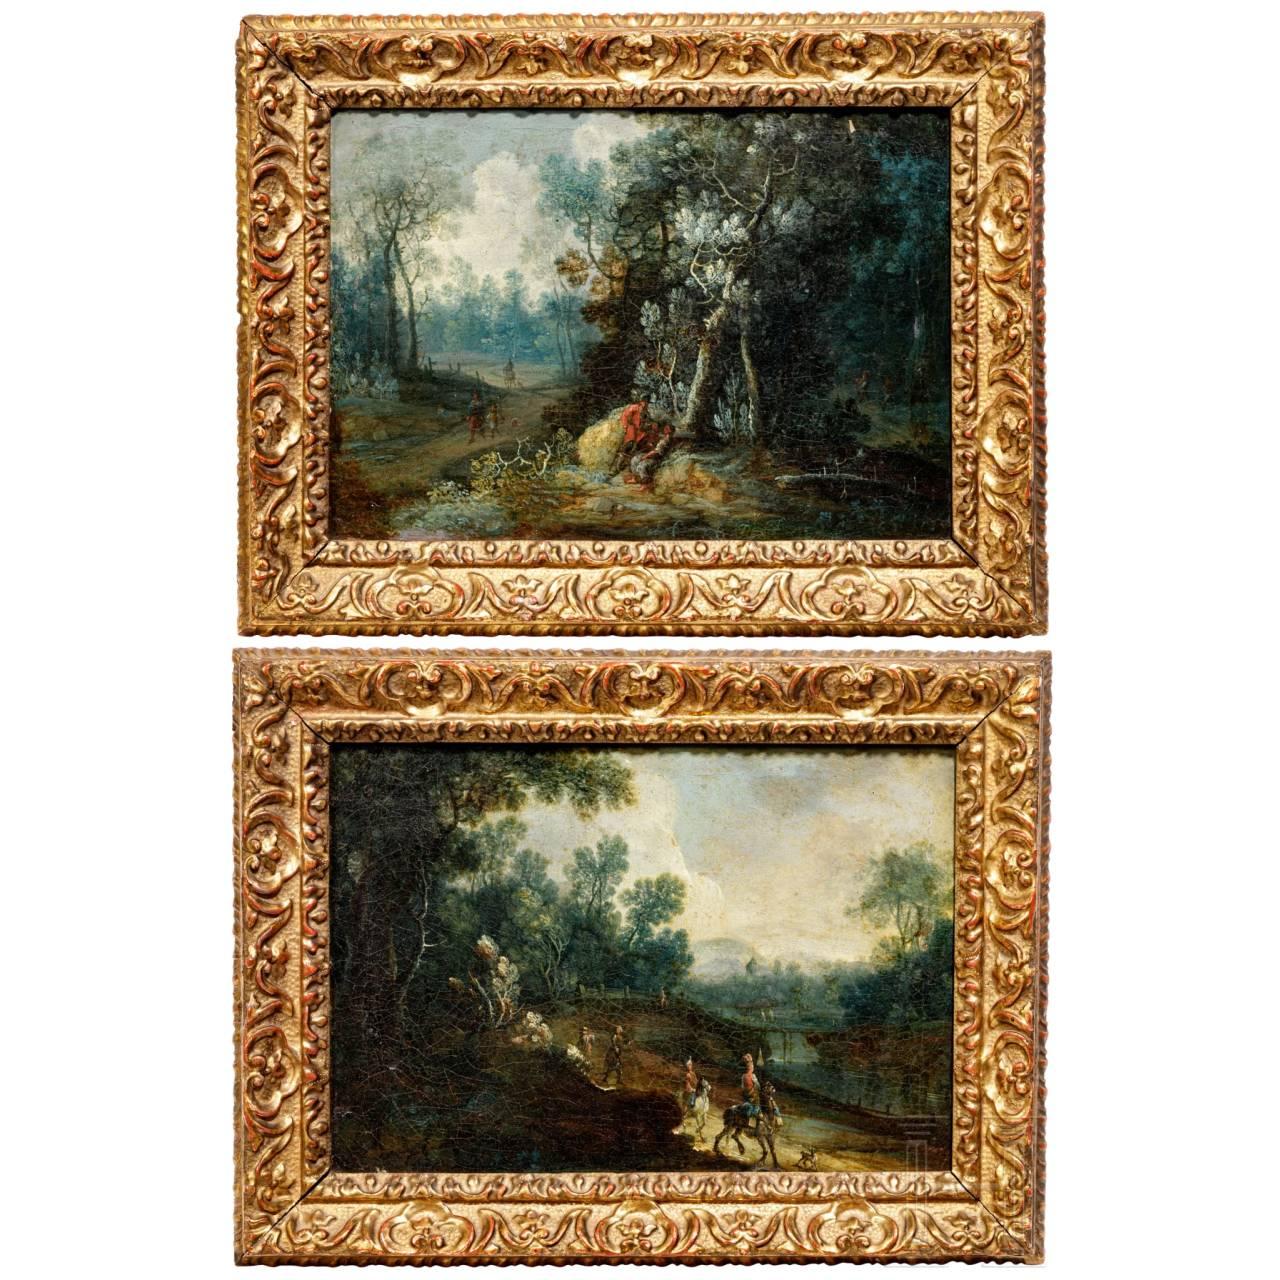 Ein Paar Landschaftsbilder in originalen Barockrahmen, Niederlande, 1. Hälfte 17. Jhdt.